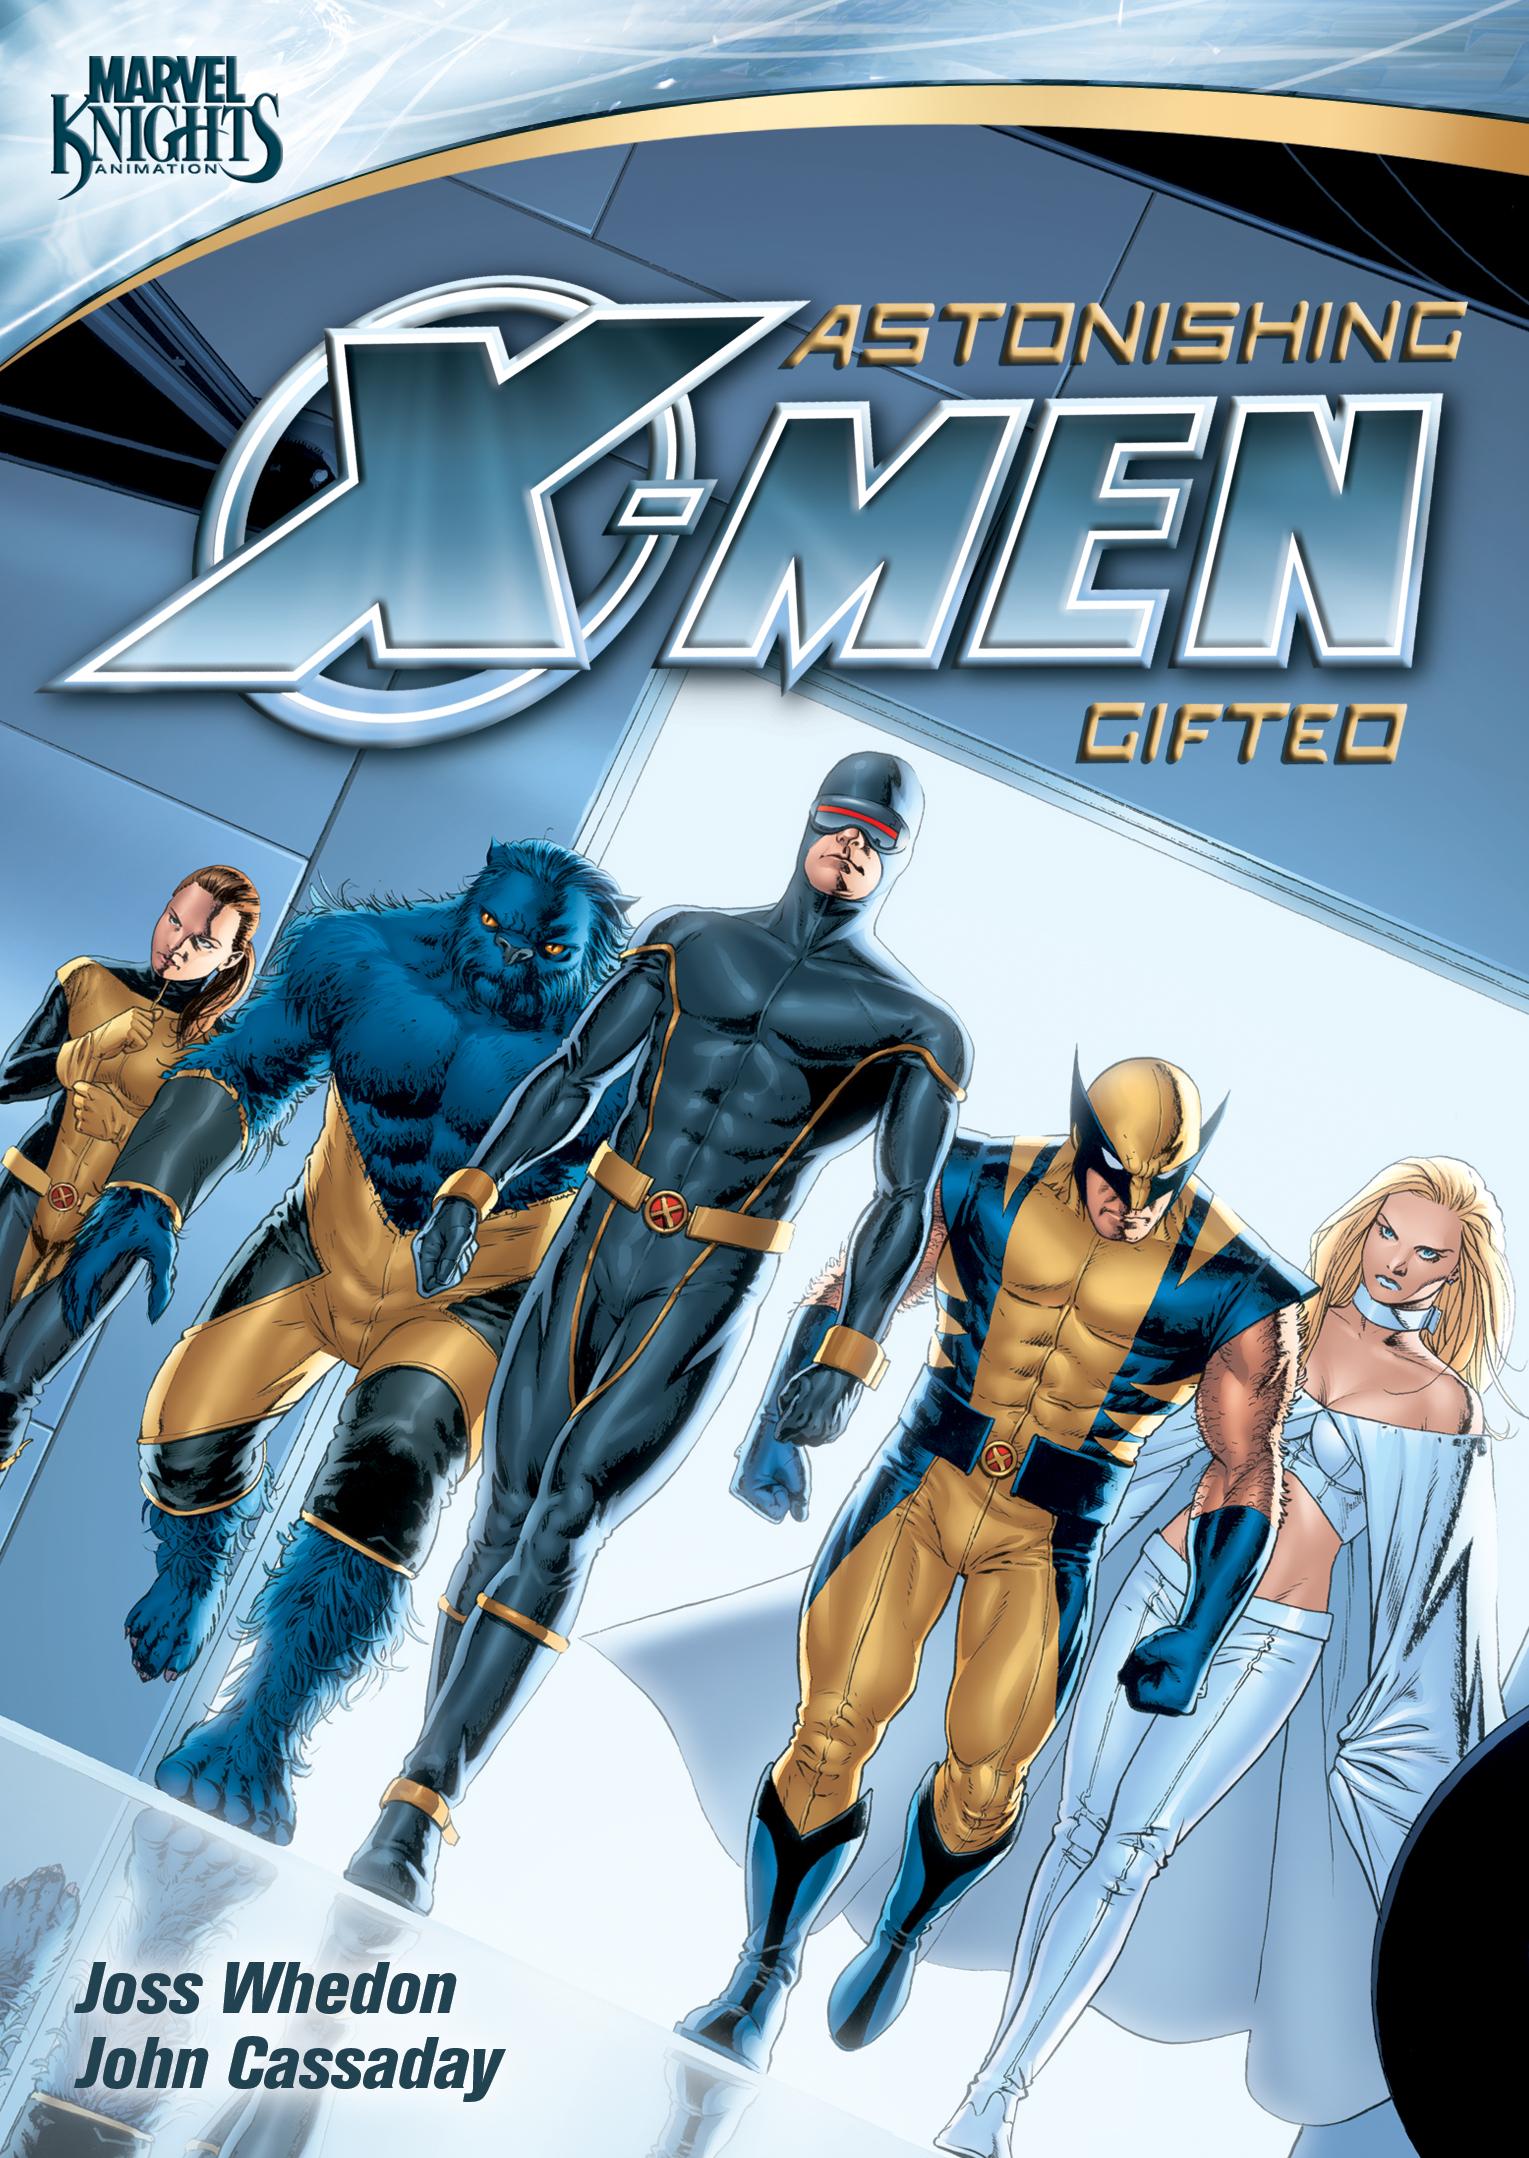 Astonishing X-Men TV Series